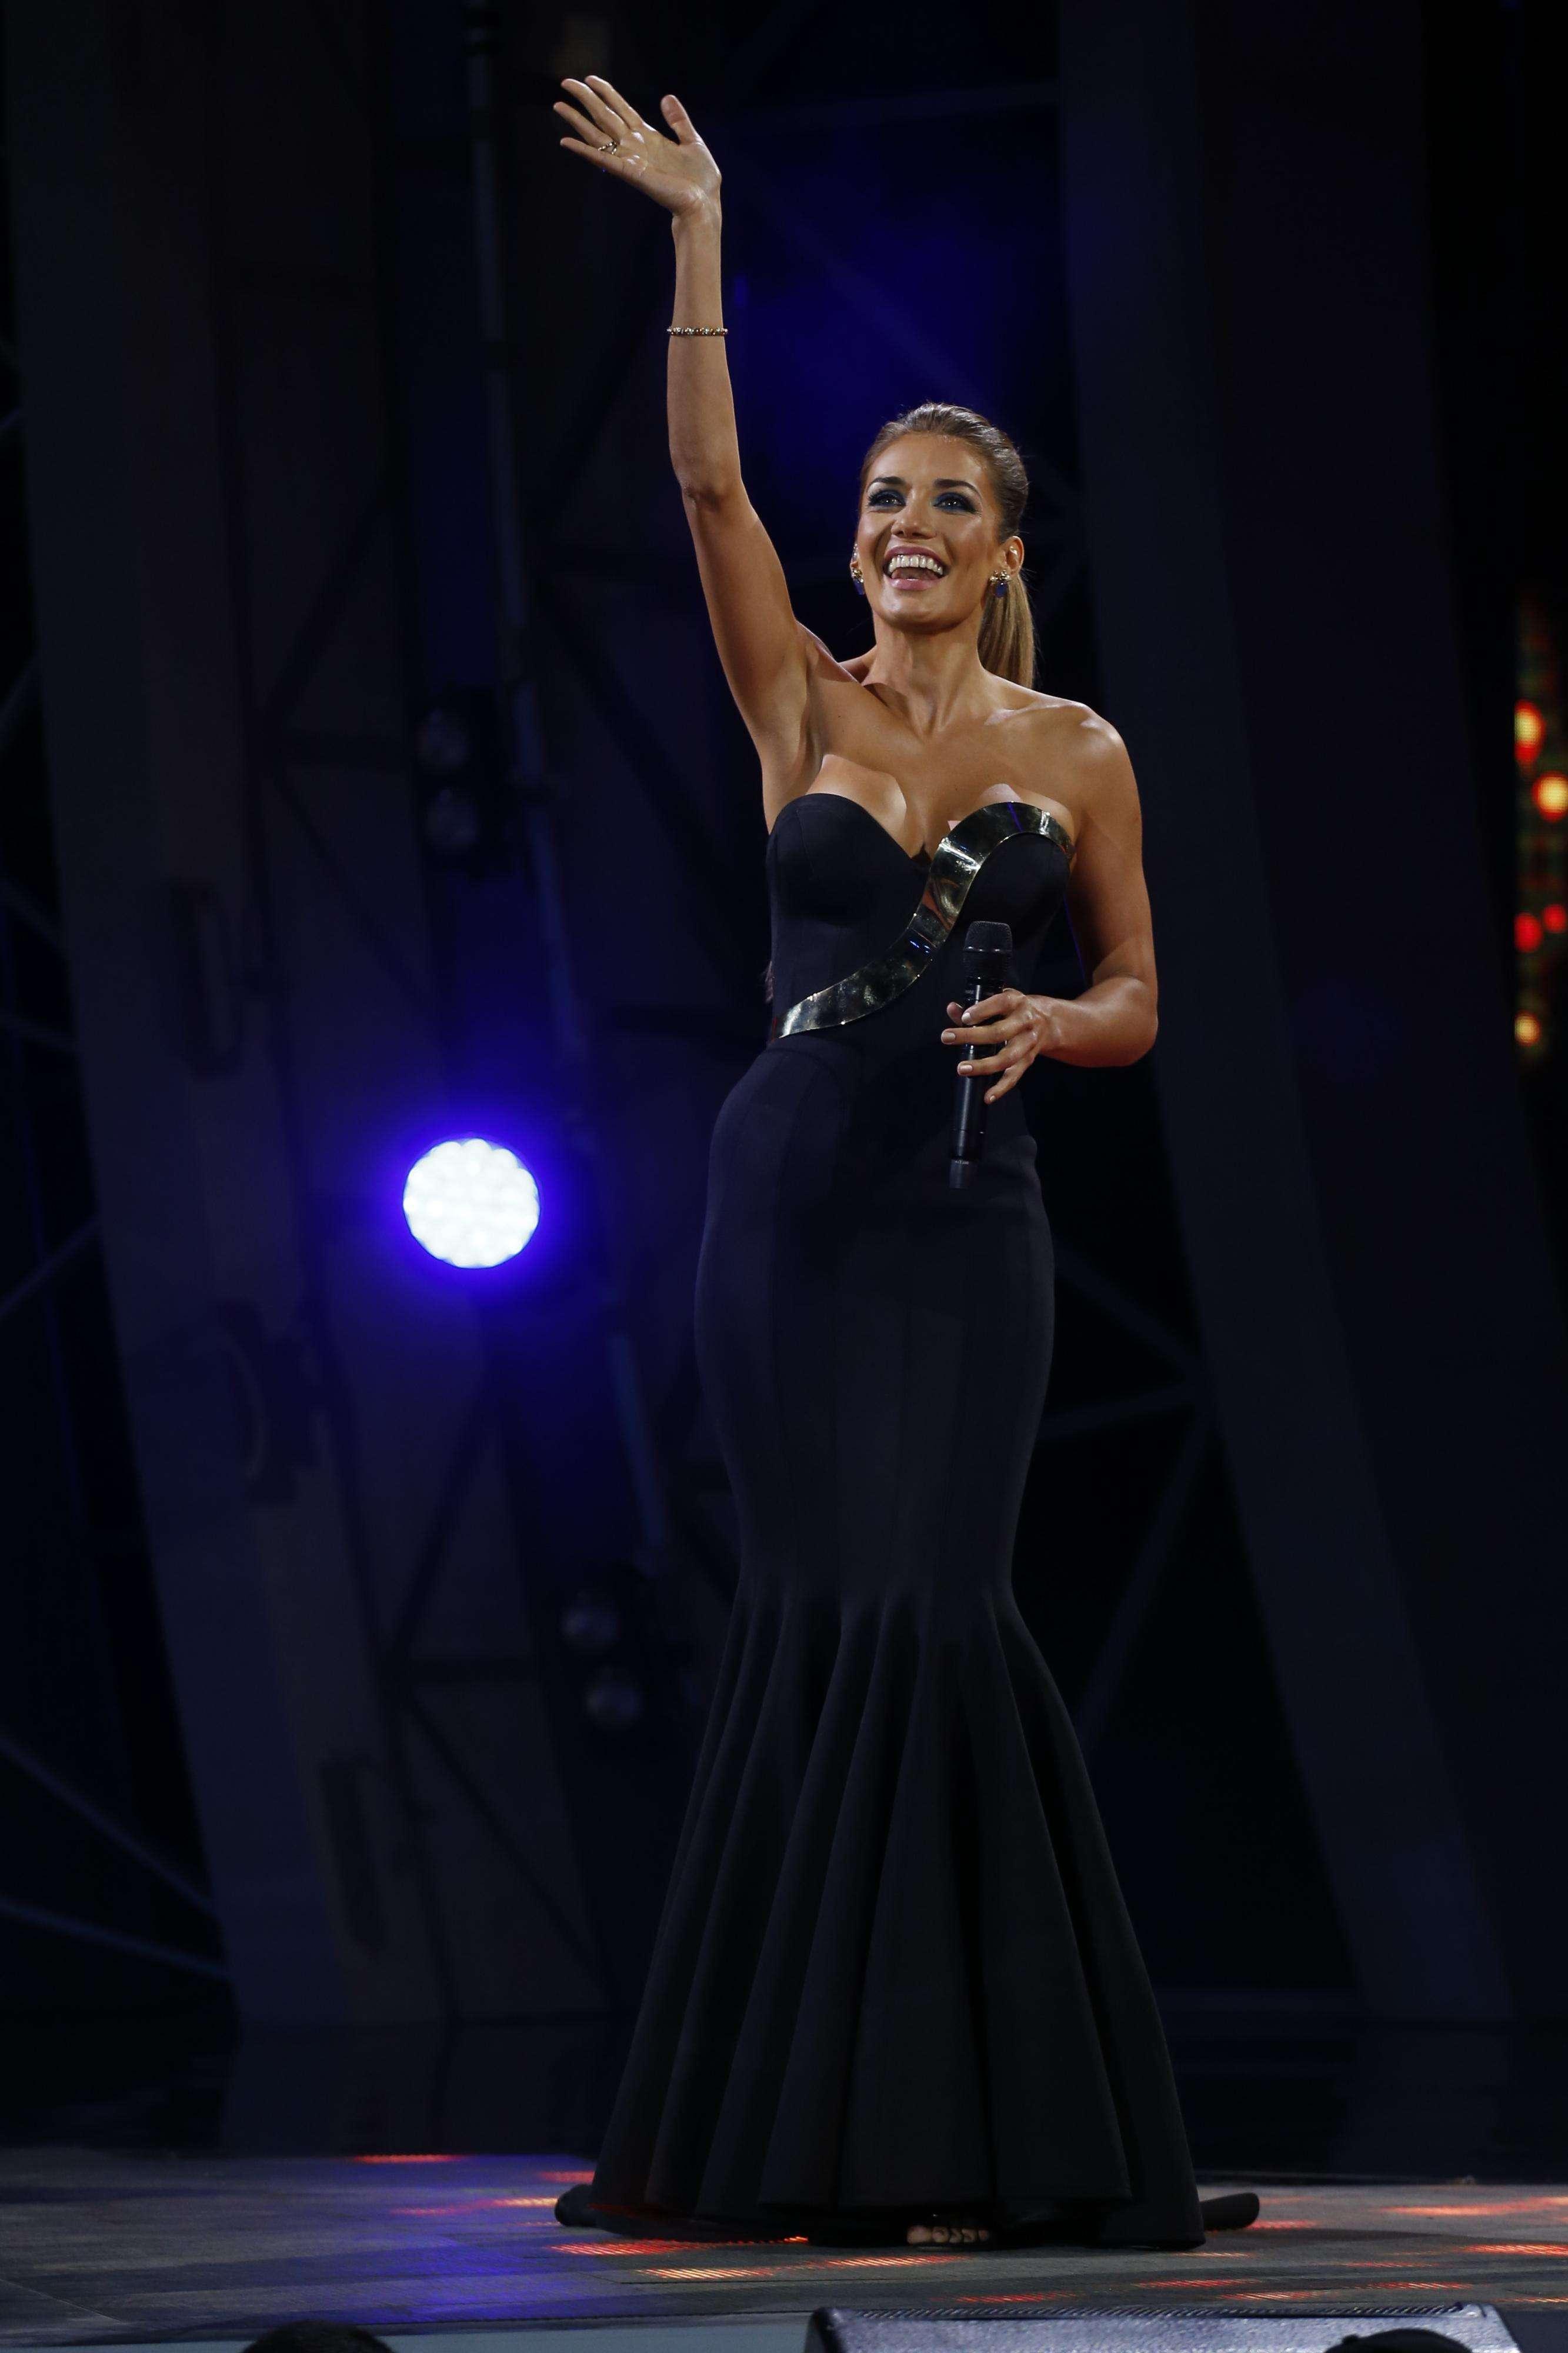 Impresionante Carolina De Moras en la última noche de Viña 2015: a cada jornada parecía más bella que la anterior. Sus vestidos y belleza recibieron halagos durante el todo festival. Foto: Agencia UNO